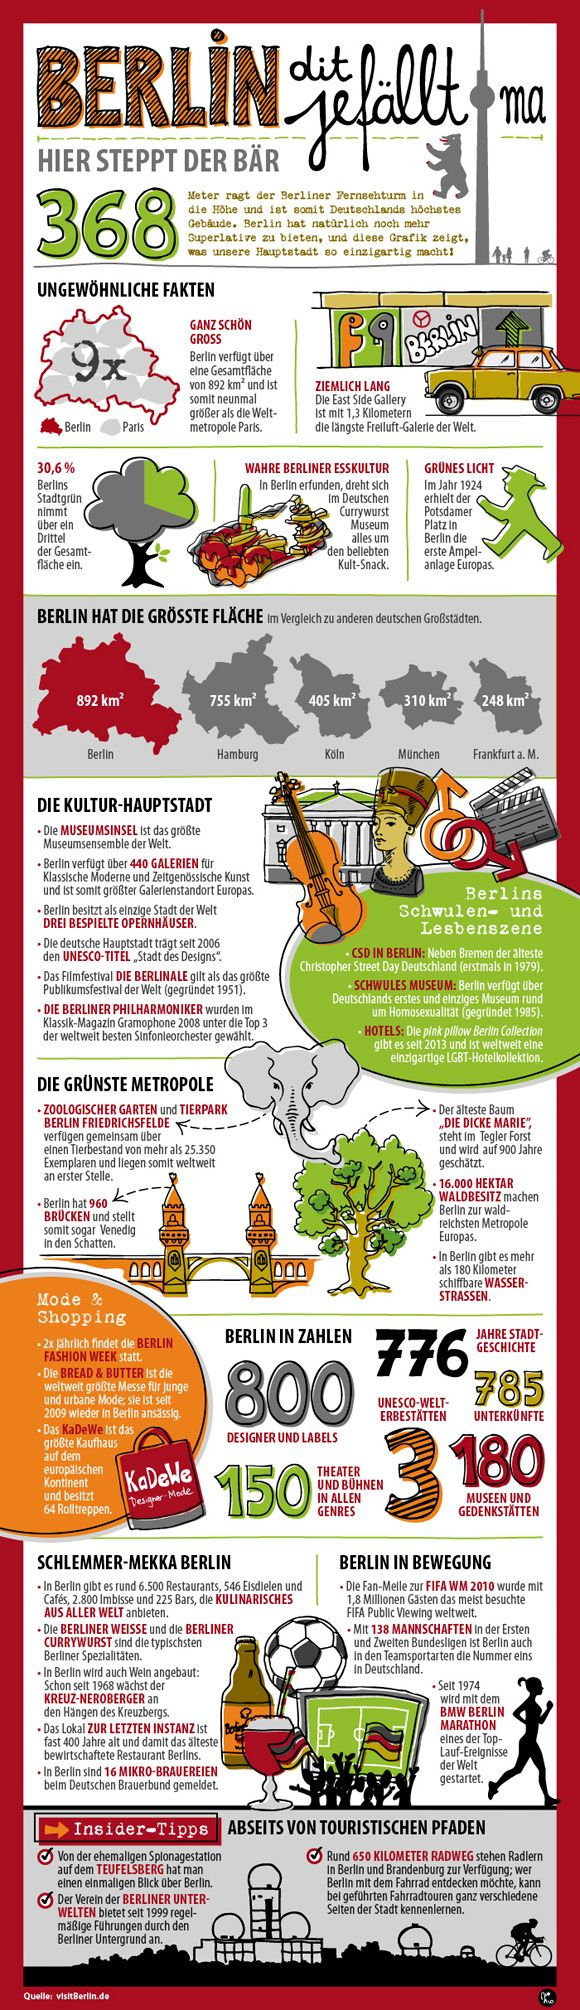 Spannende Berlin-Zahlen! berlin-dit-jefaellt-ma-580.jpg (580×2010)